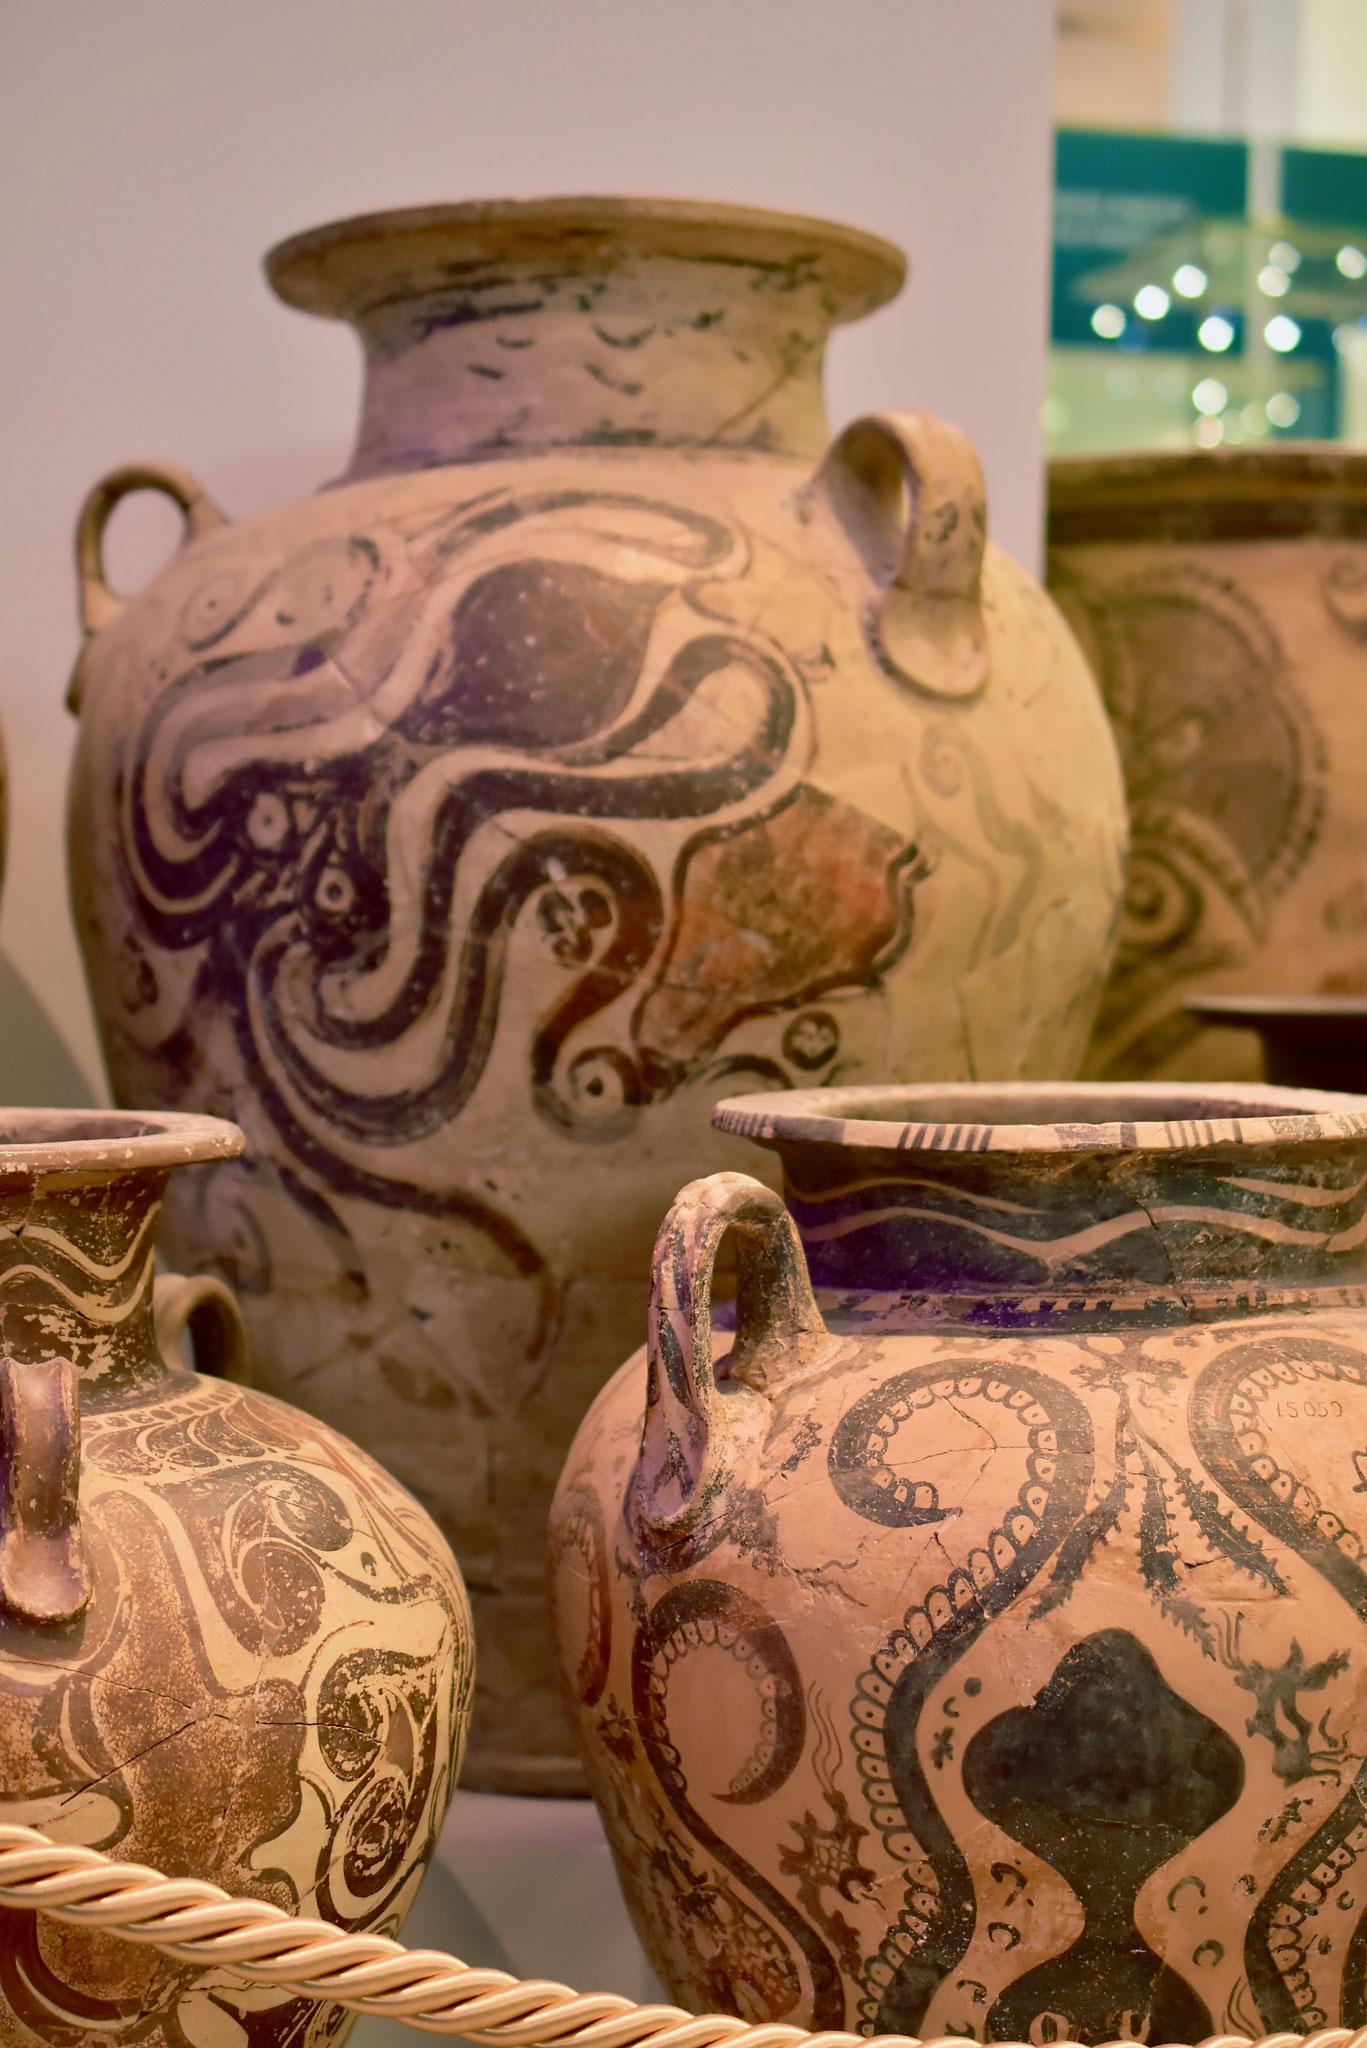 海と結びついた暮らしを想像できる海の生物のモチーフ(イラクリオン古代博物館貯蔵物)